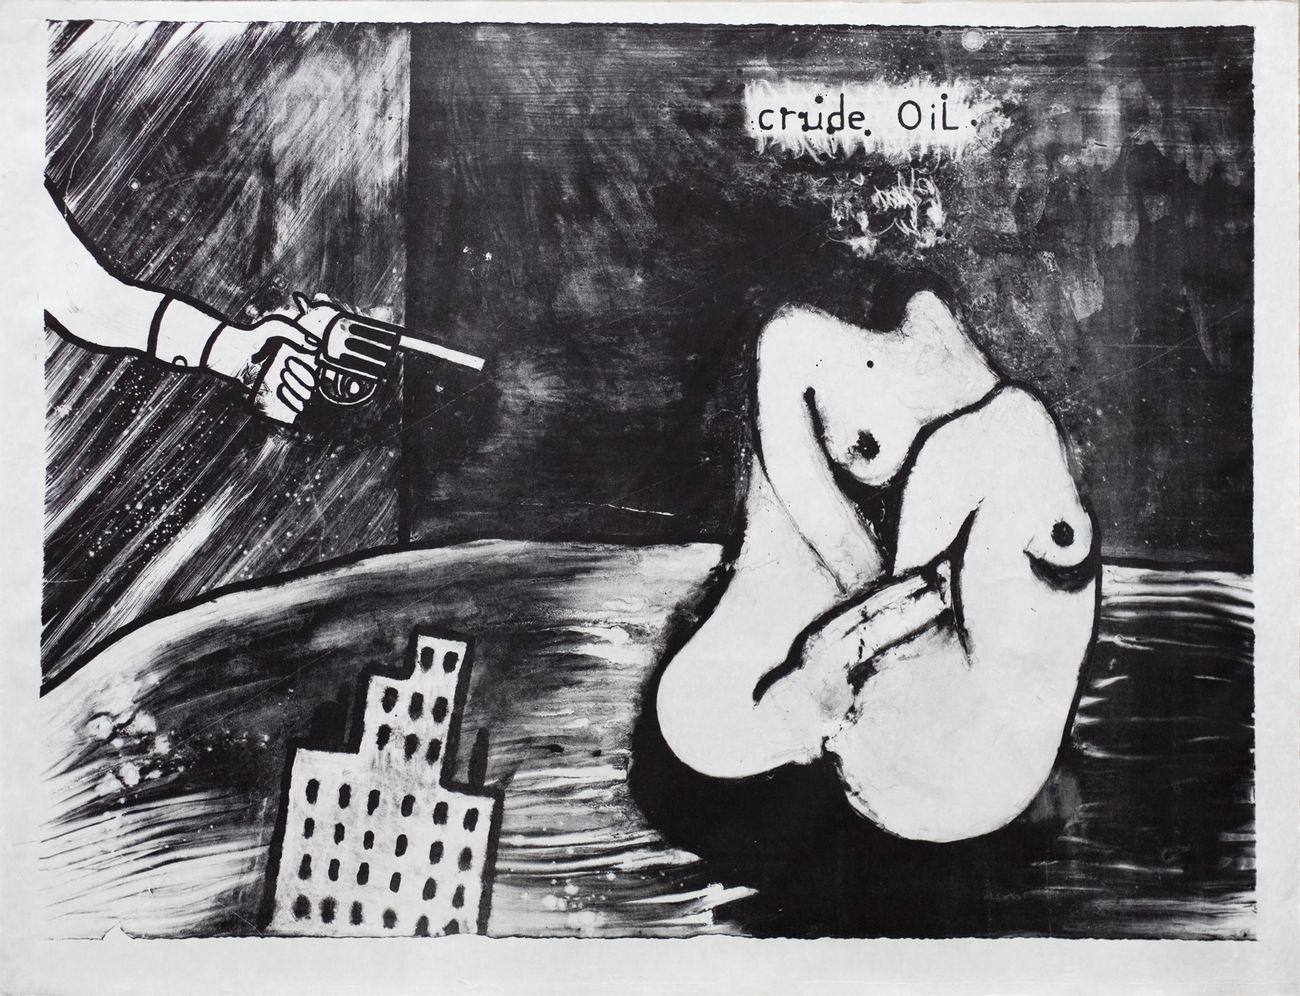 David Lynch, Crude Oil, 2014 © Item editions